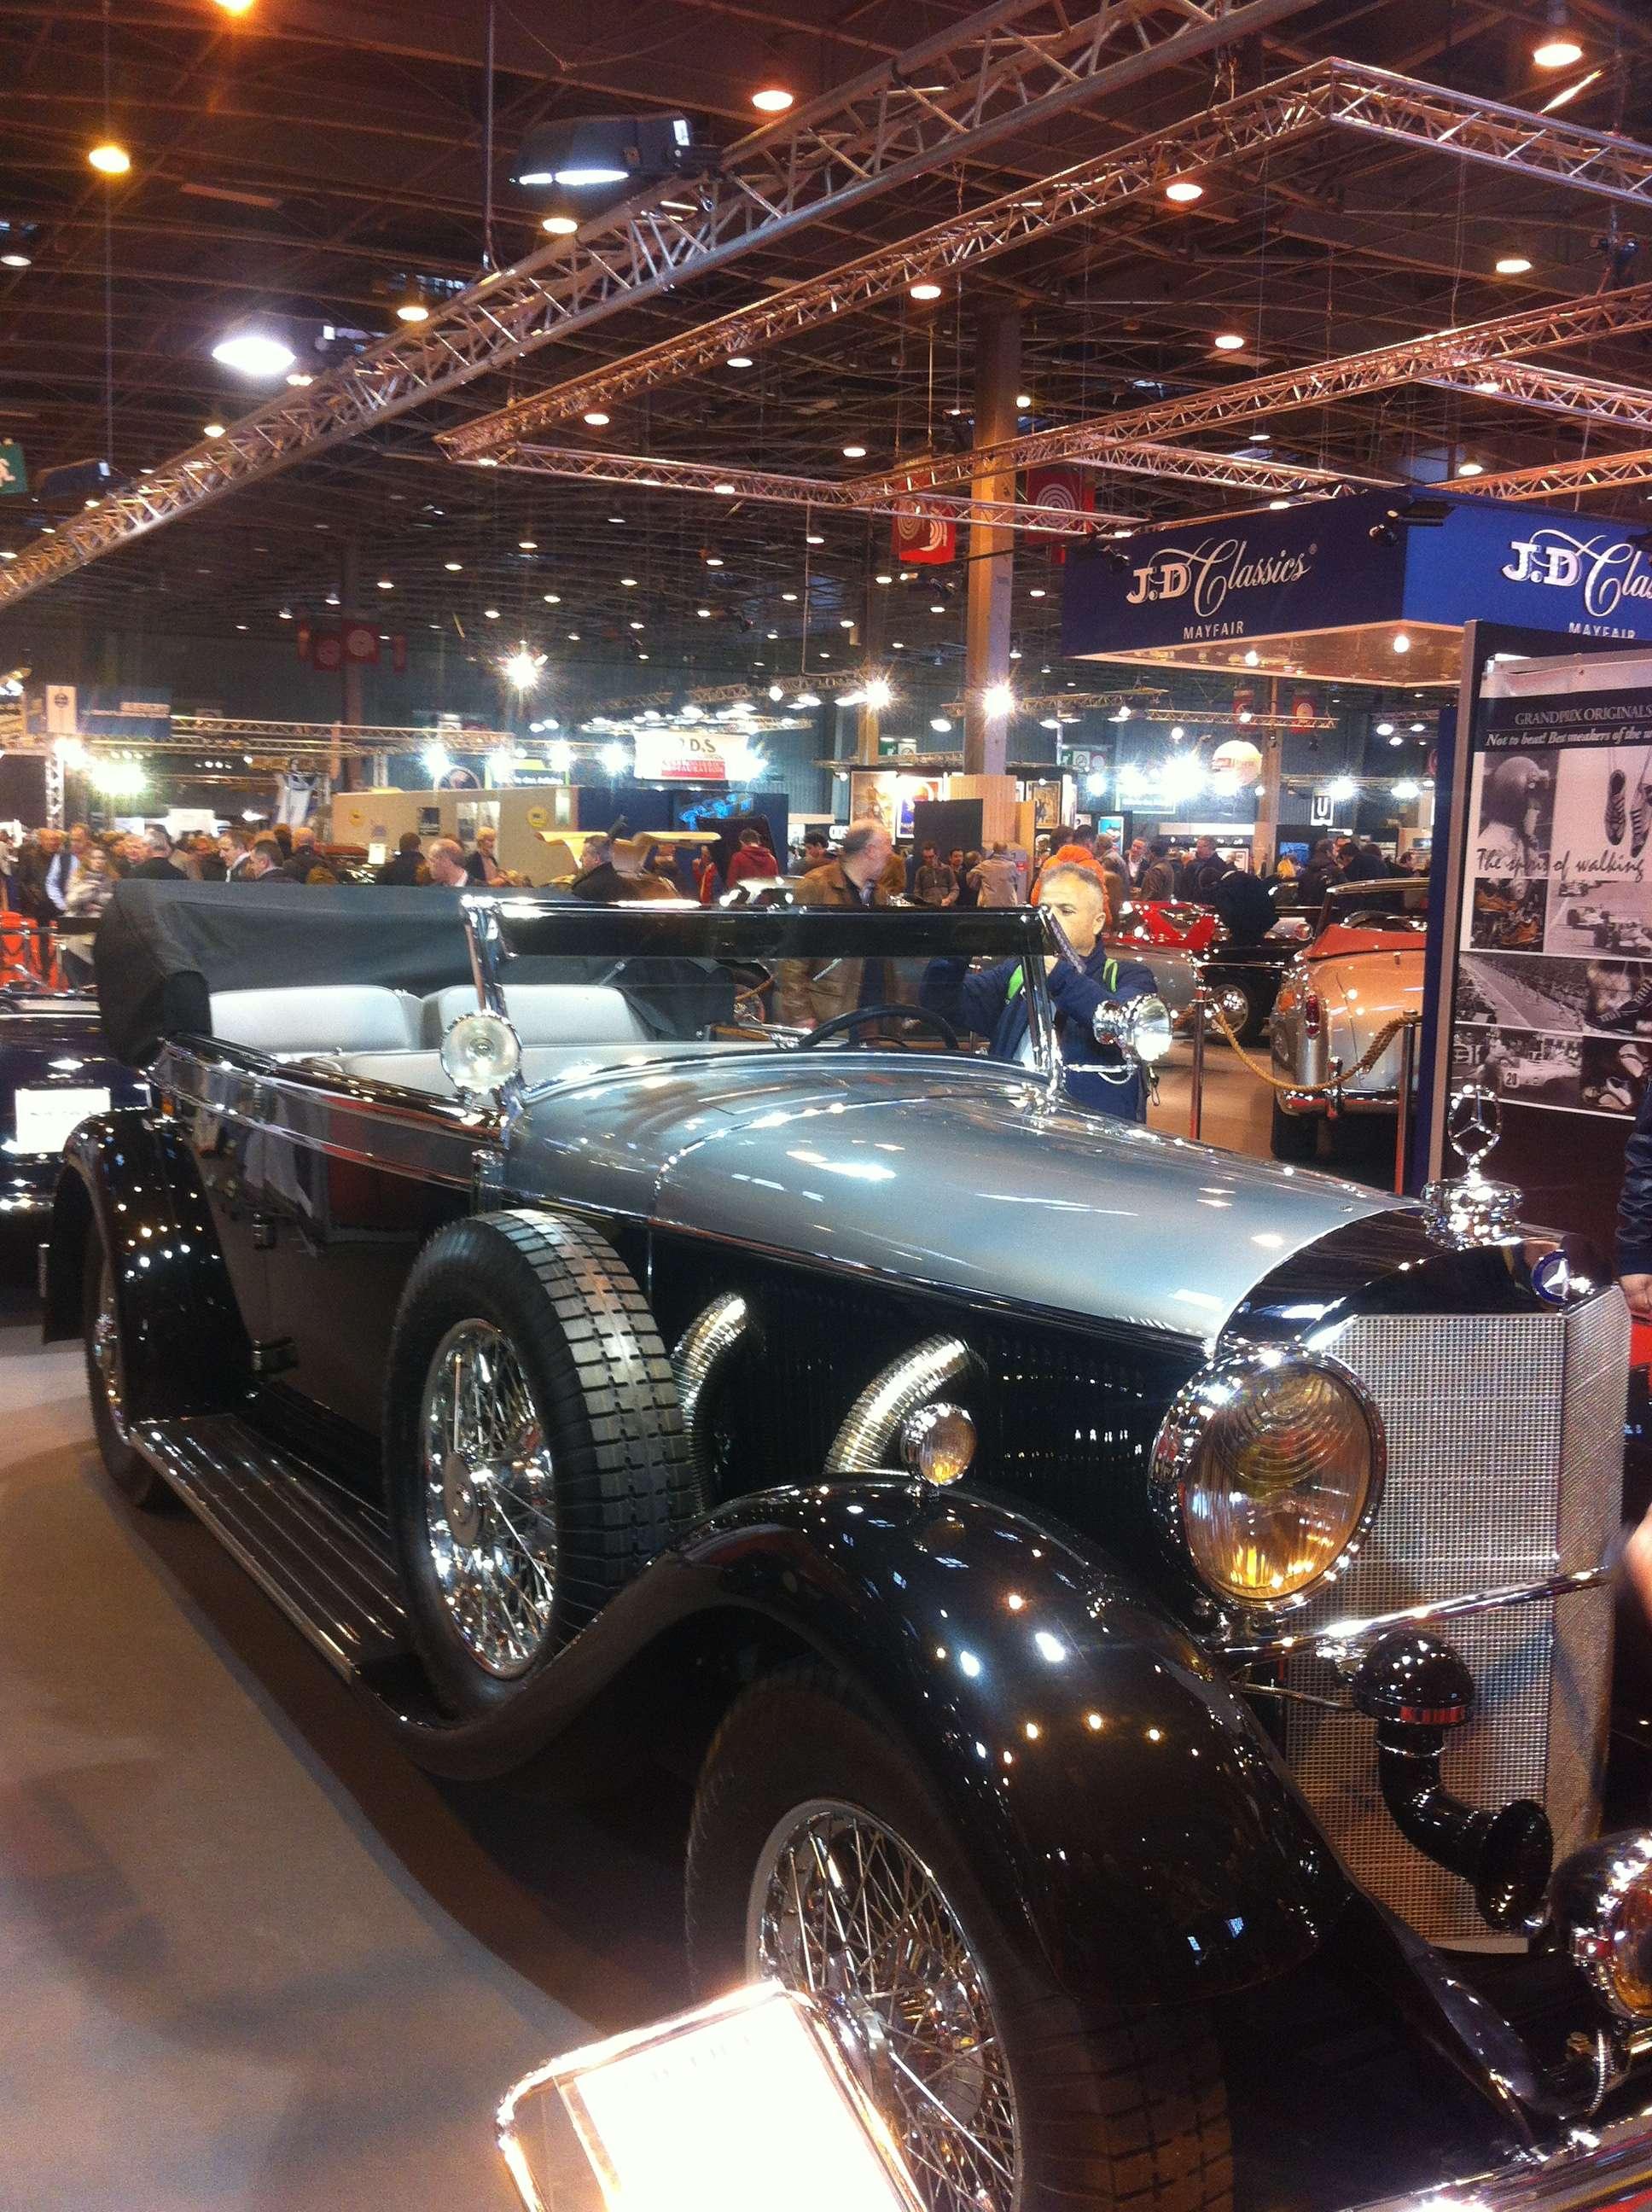 Mercedes-Benz 770 cabrio D, 1931, 8 cilindrii în linie, 7665 cm3, fabricat doar în 18 exemplare